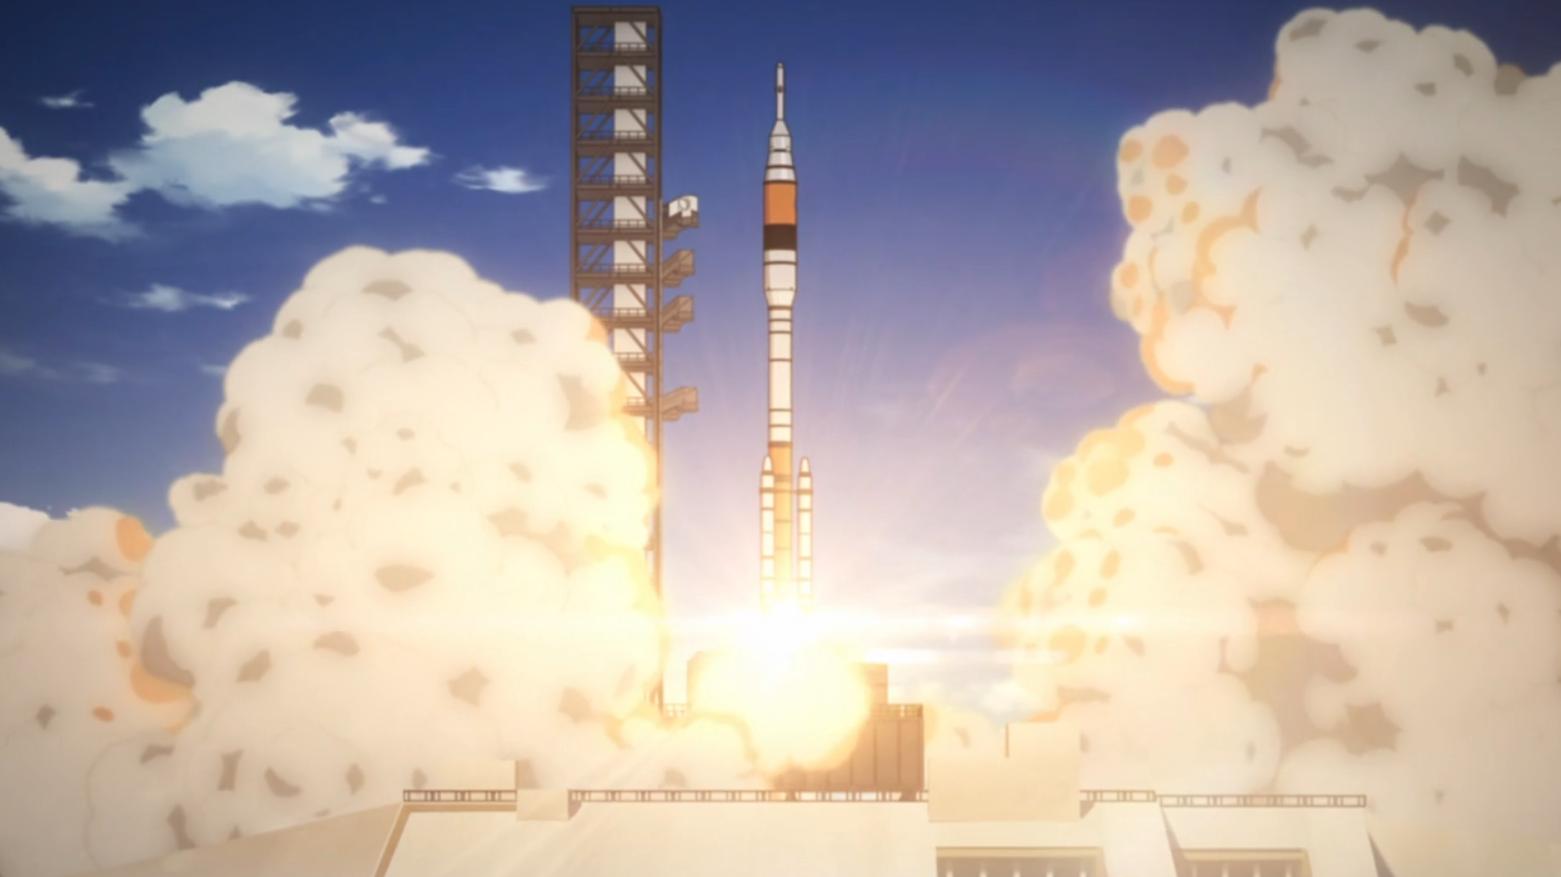 shitty-rocket.png